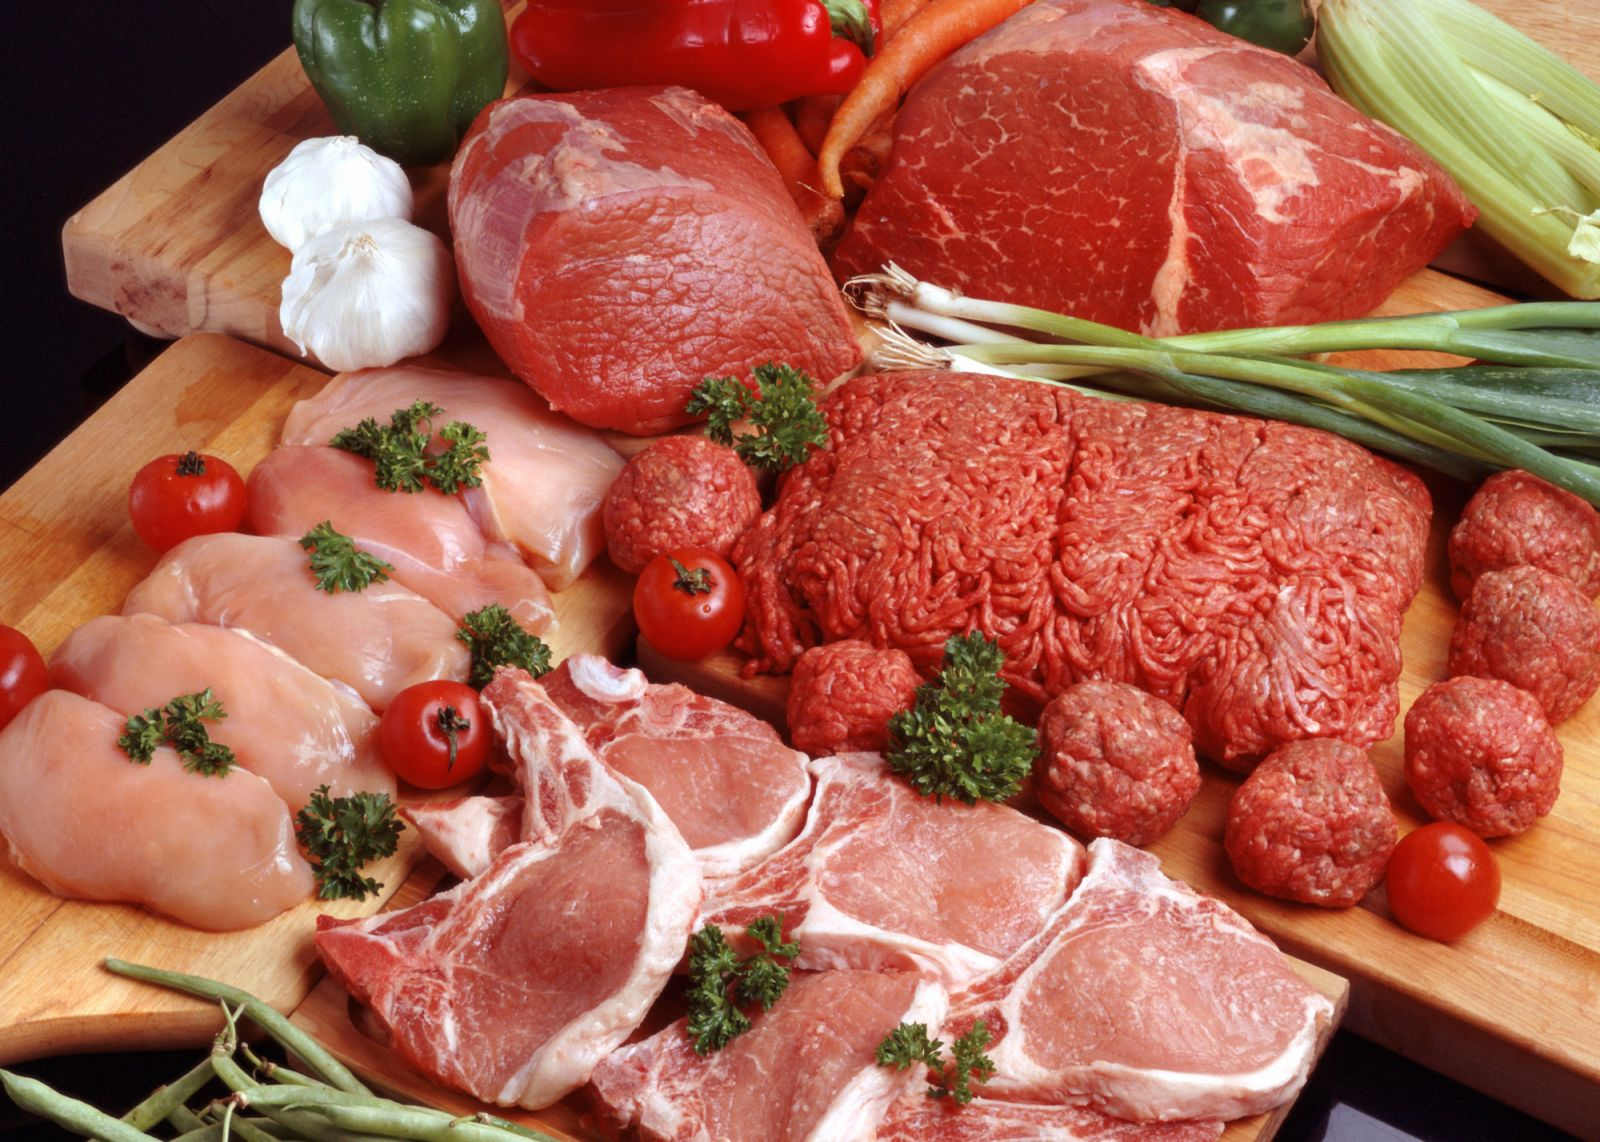 Mỗi người nên ăn bao nhiêu thịt mỗi ngày?